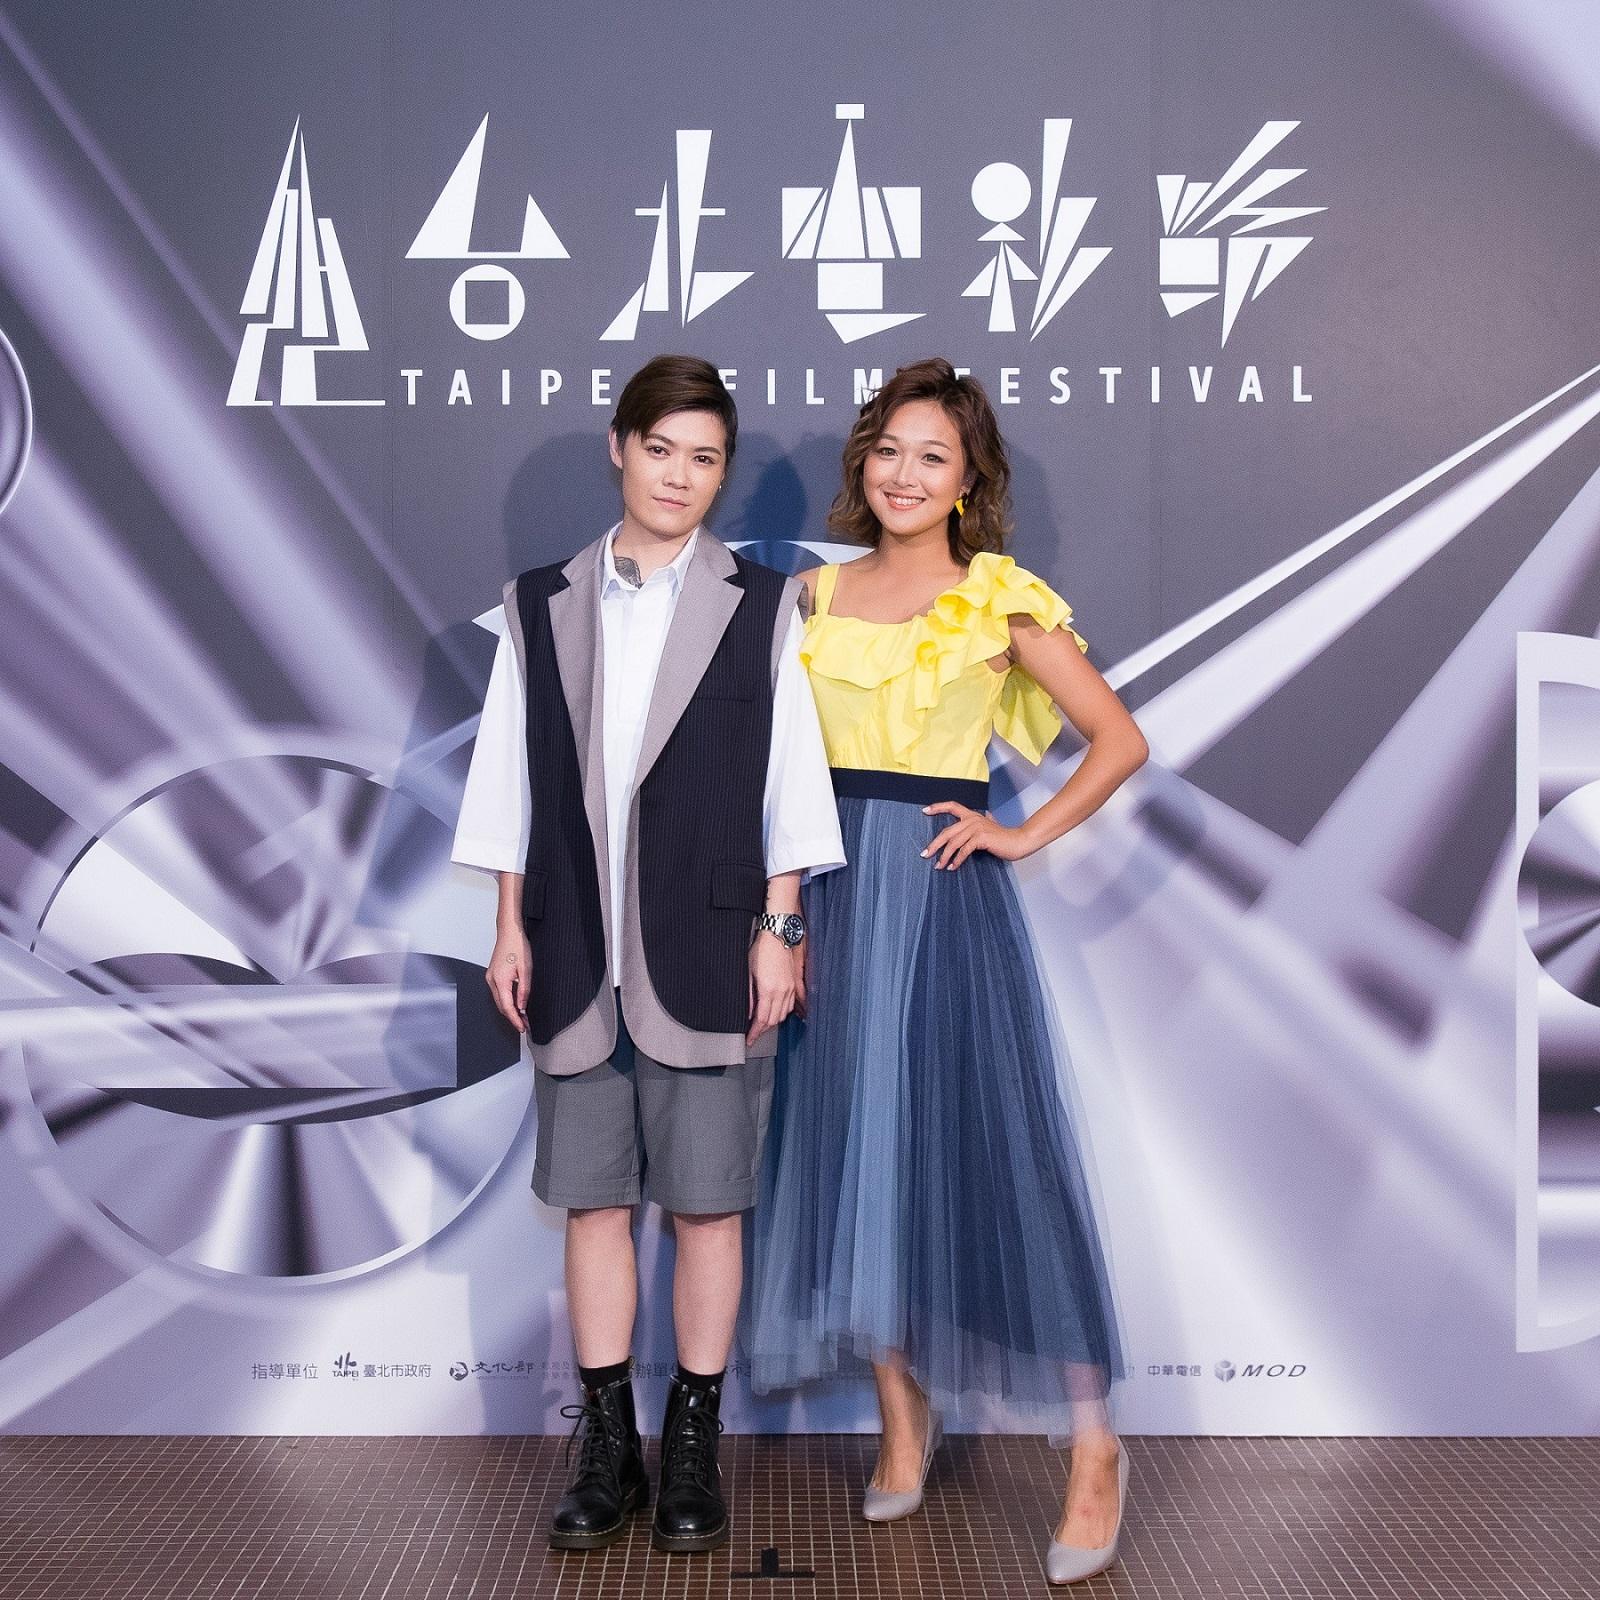 《迷走廣州》雙女主角葉寶雯(左)與張雅玲